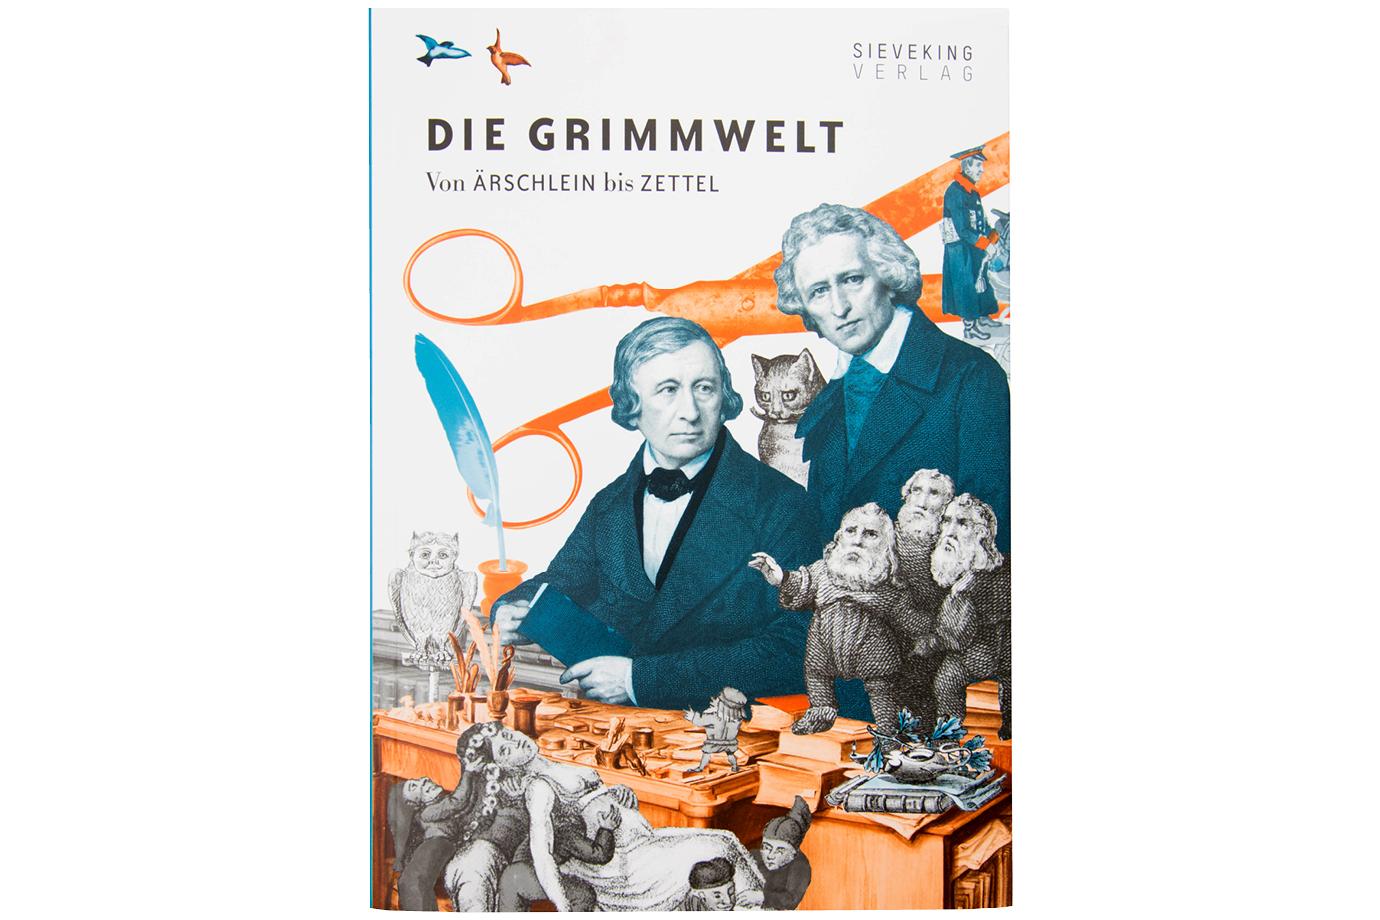 http://e-o-t.de/wordpress/wp-content/uploads/2017/05/2015_eot-Grimmwelt-Book-0.jpg